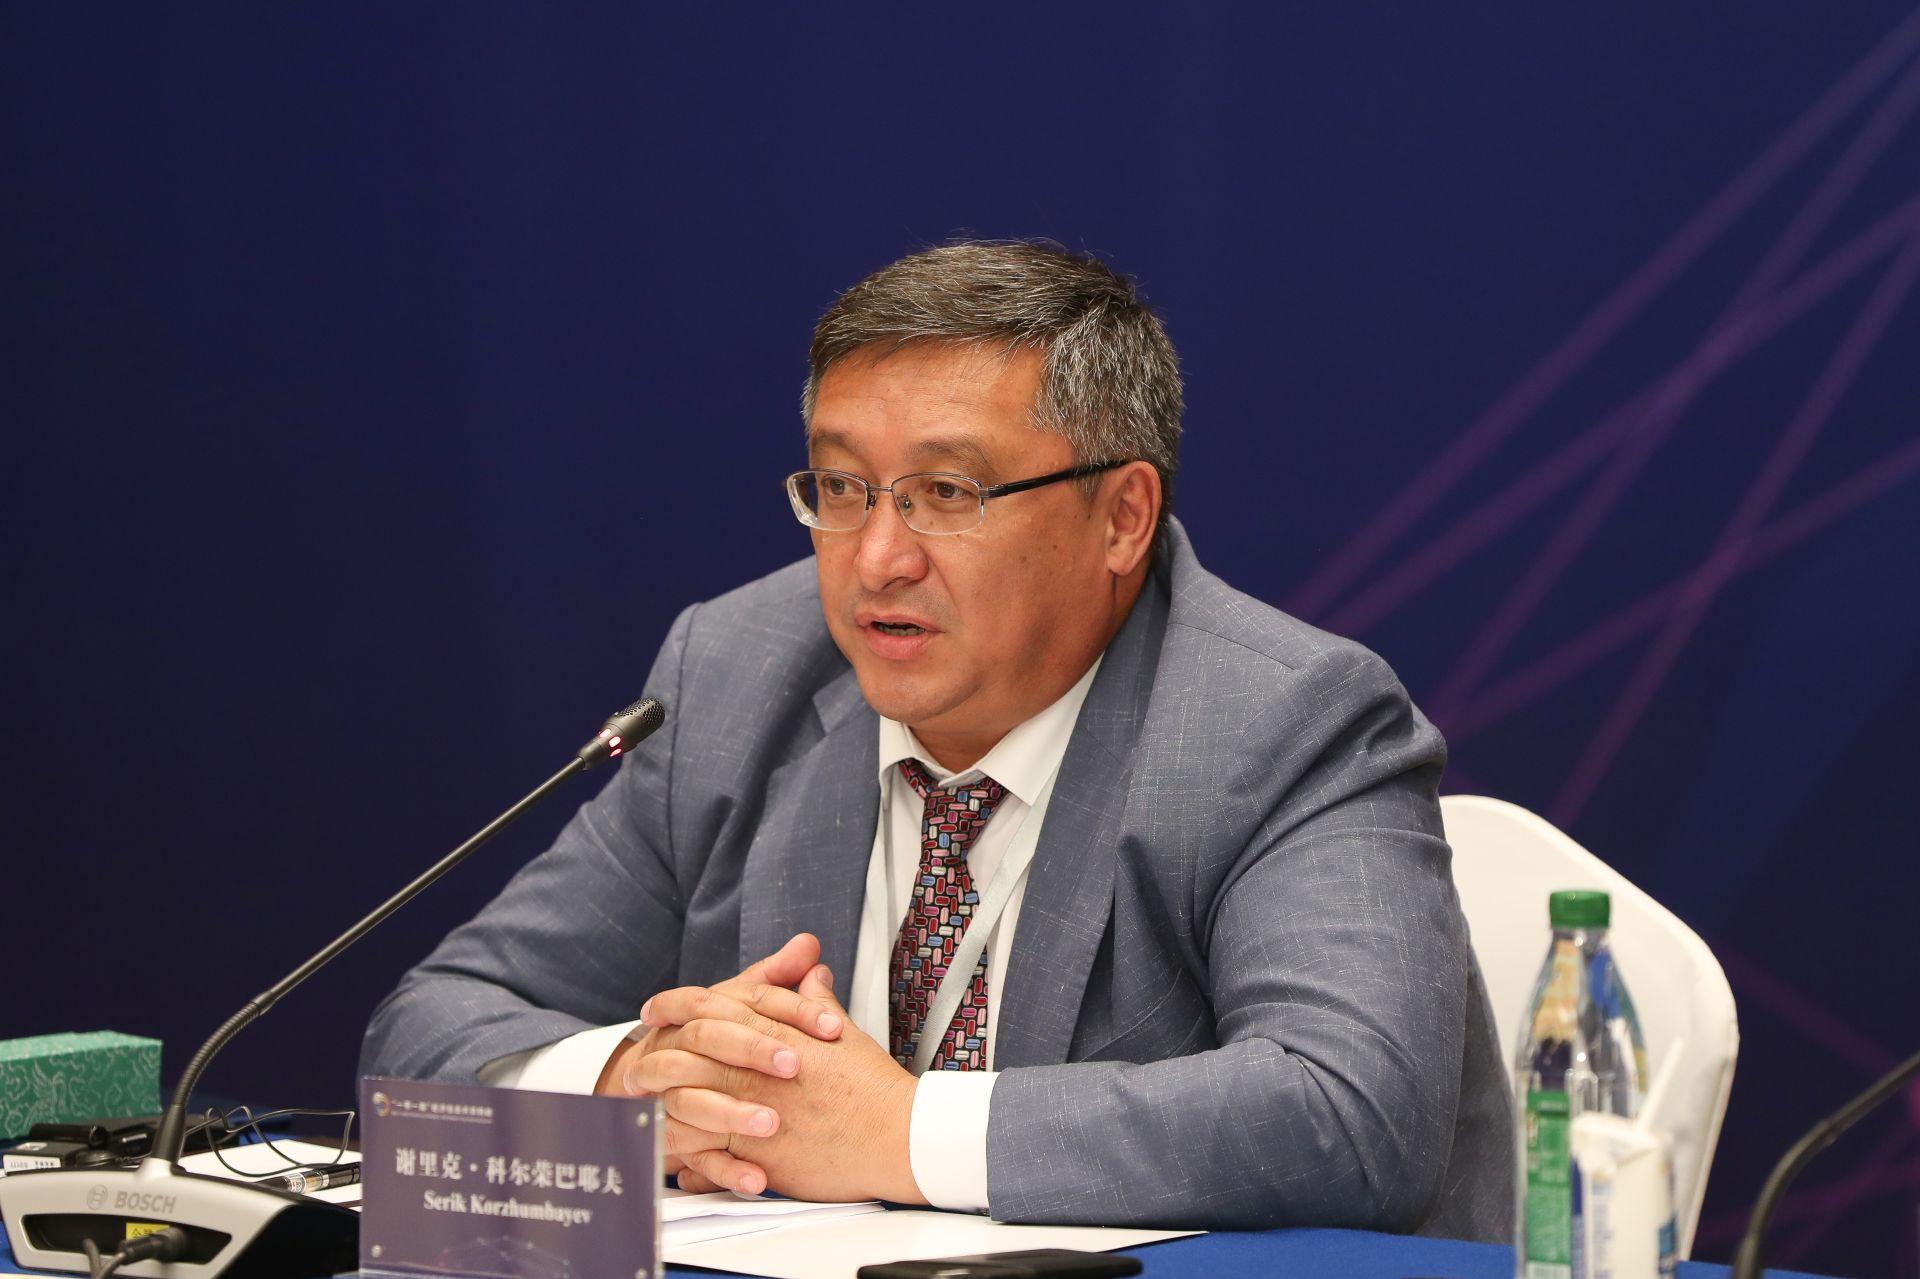 谢里克•科尔荣巴耶夫   哈萨克斯坦实业报总编辑